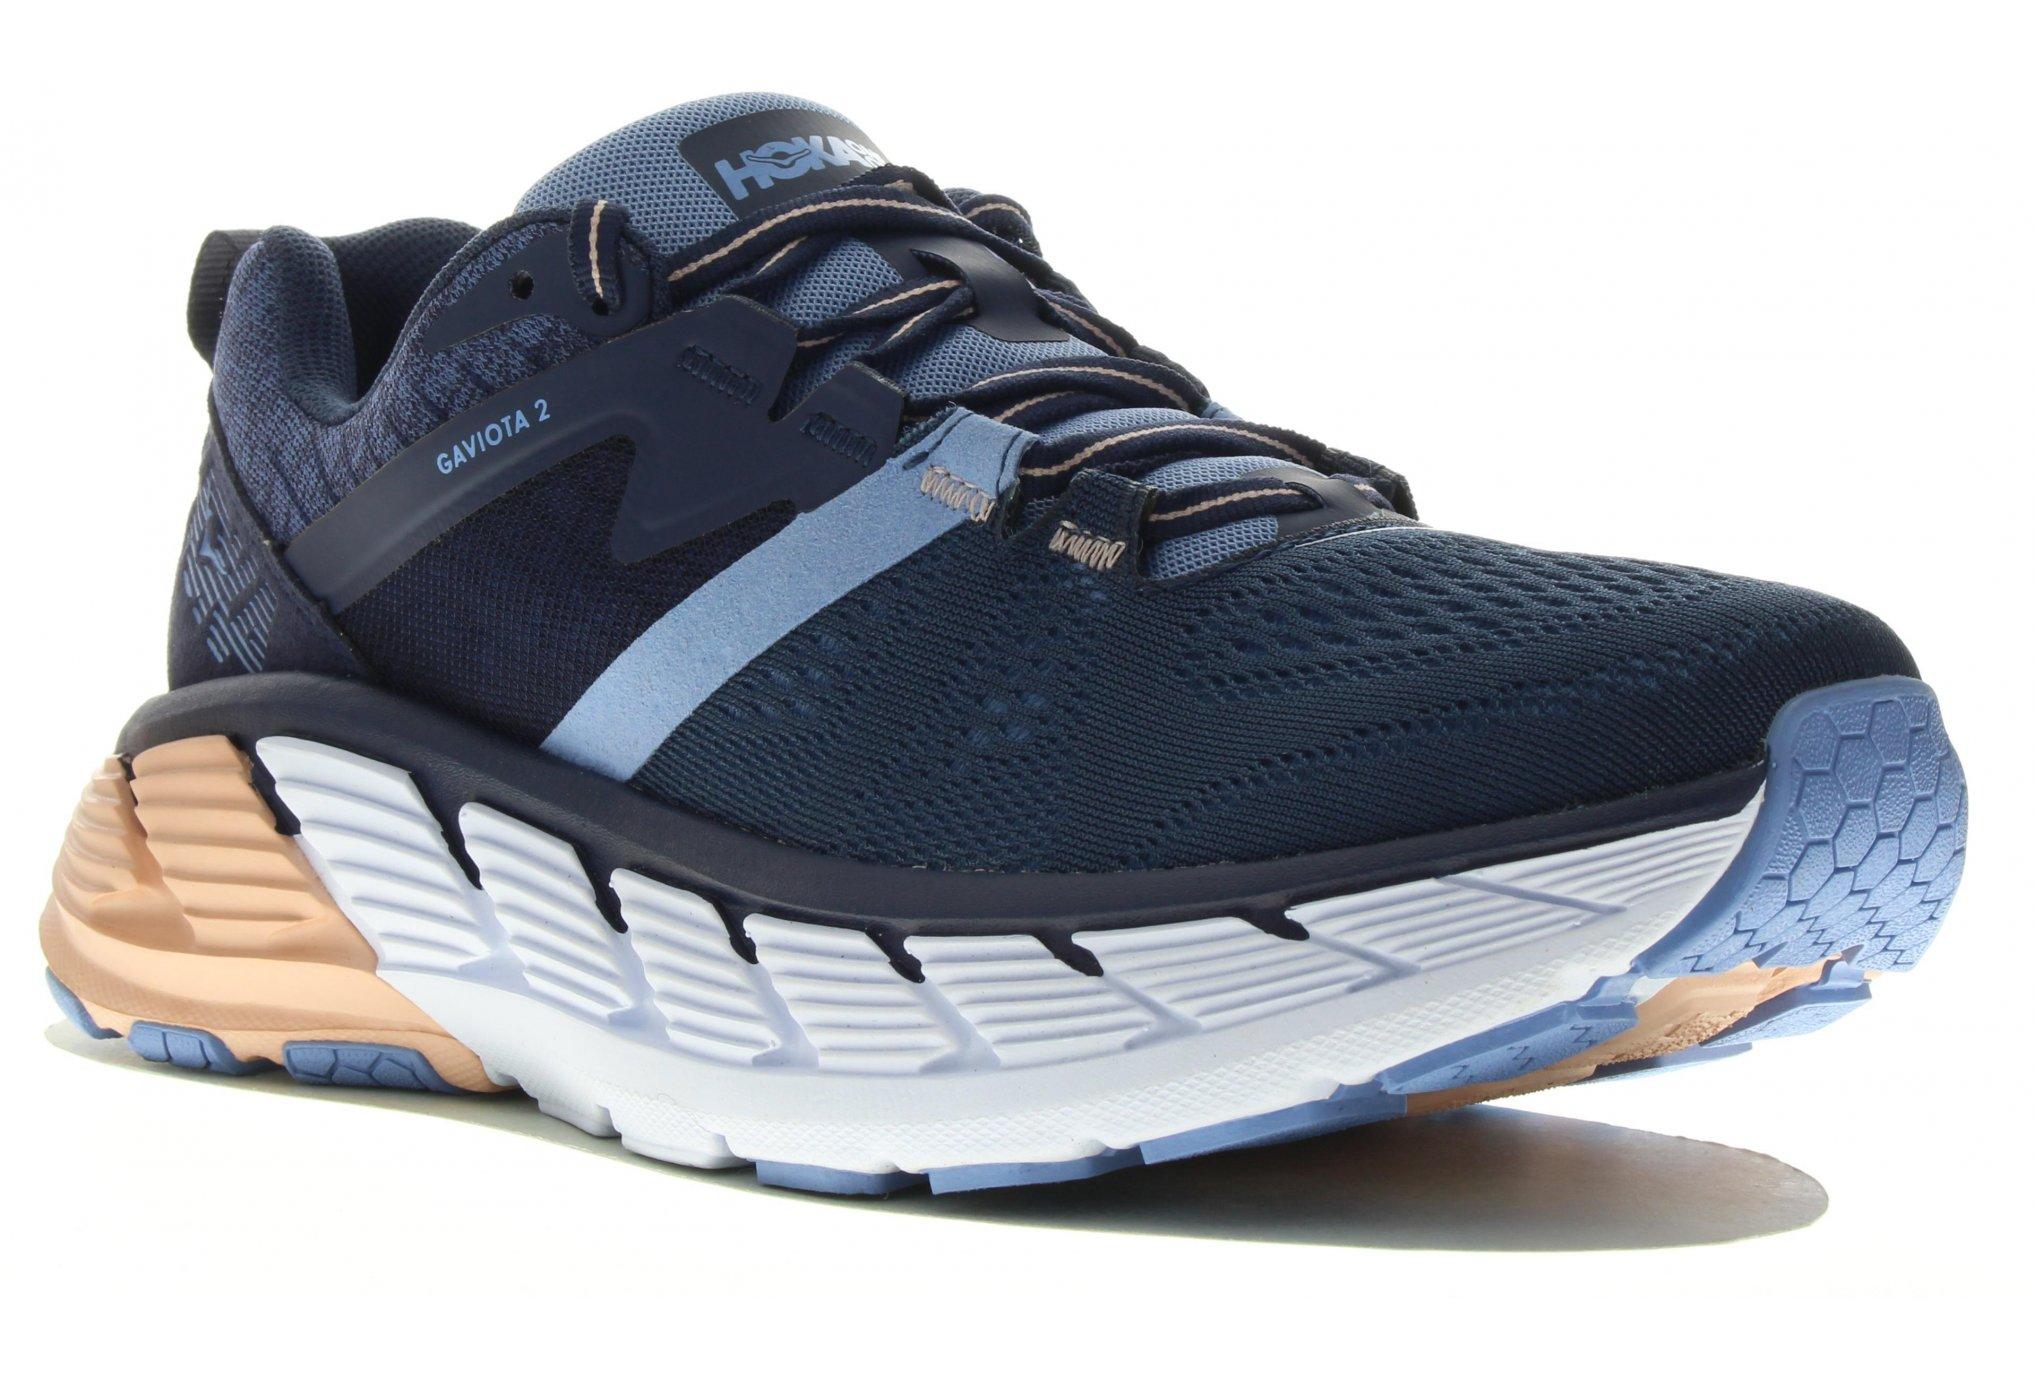 Hoka One One Gaviota 2 Chaussures running femme